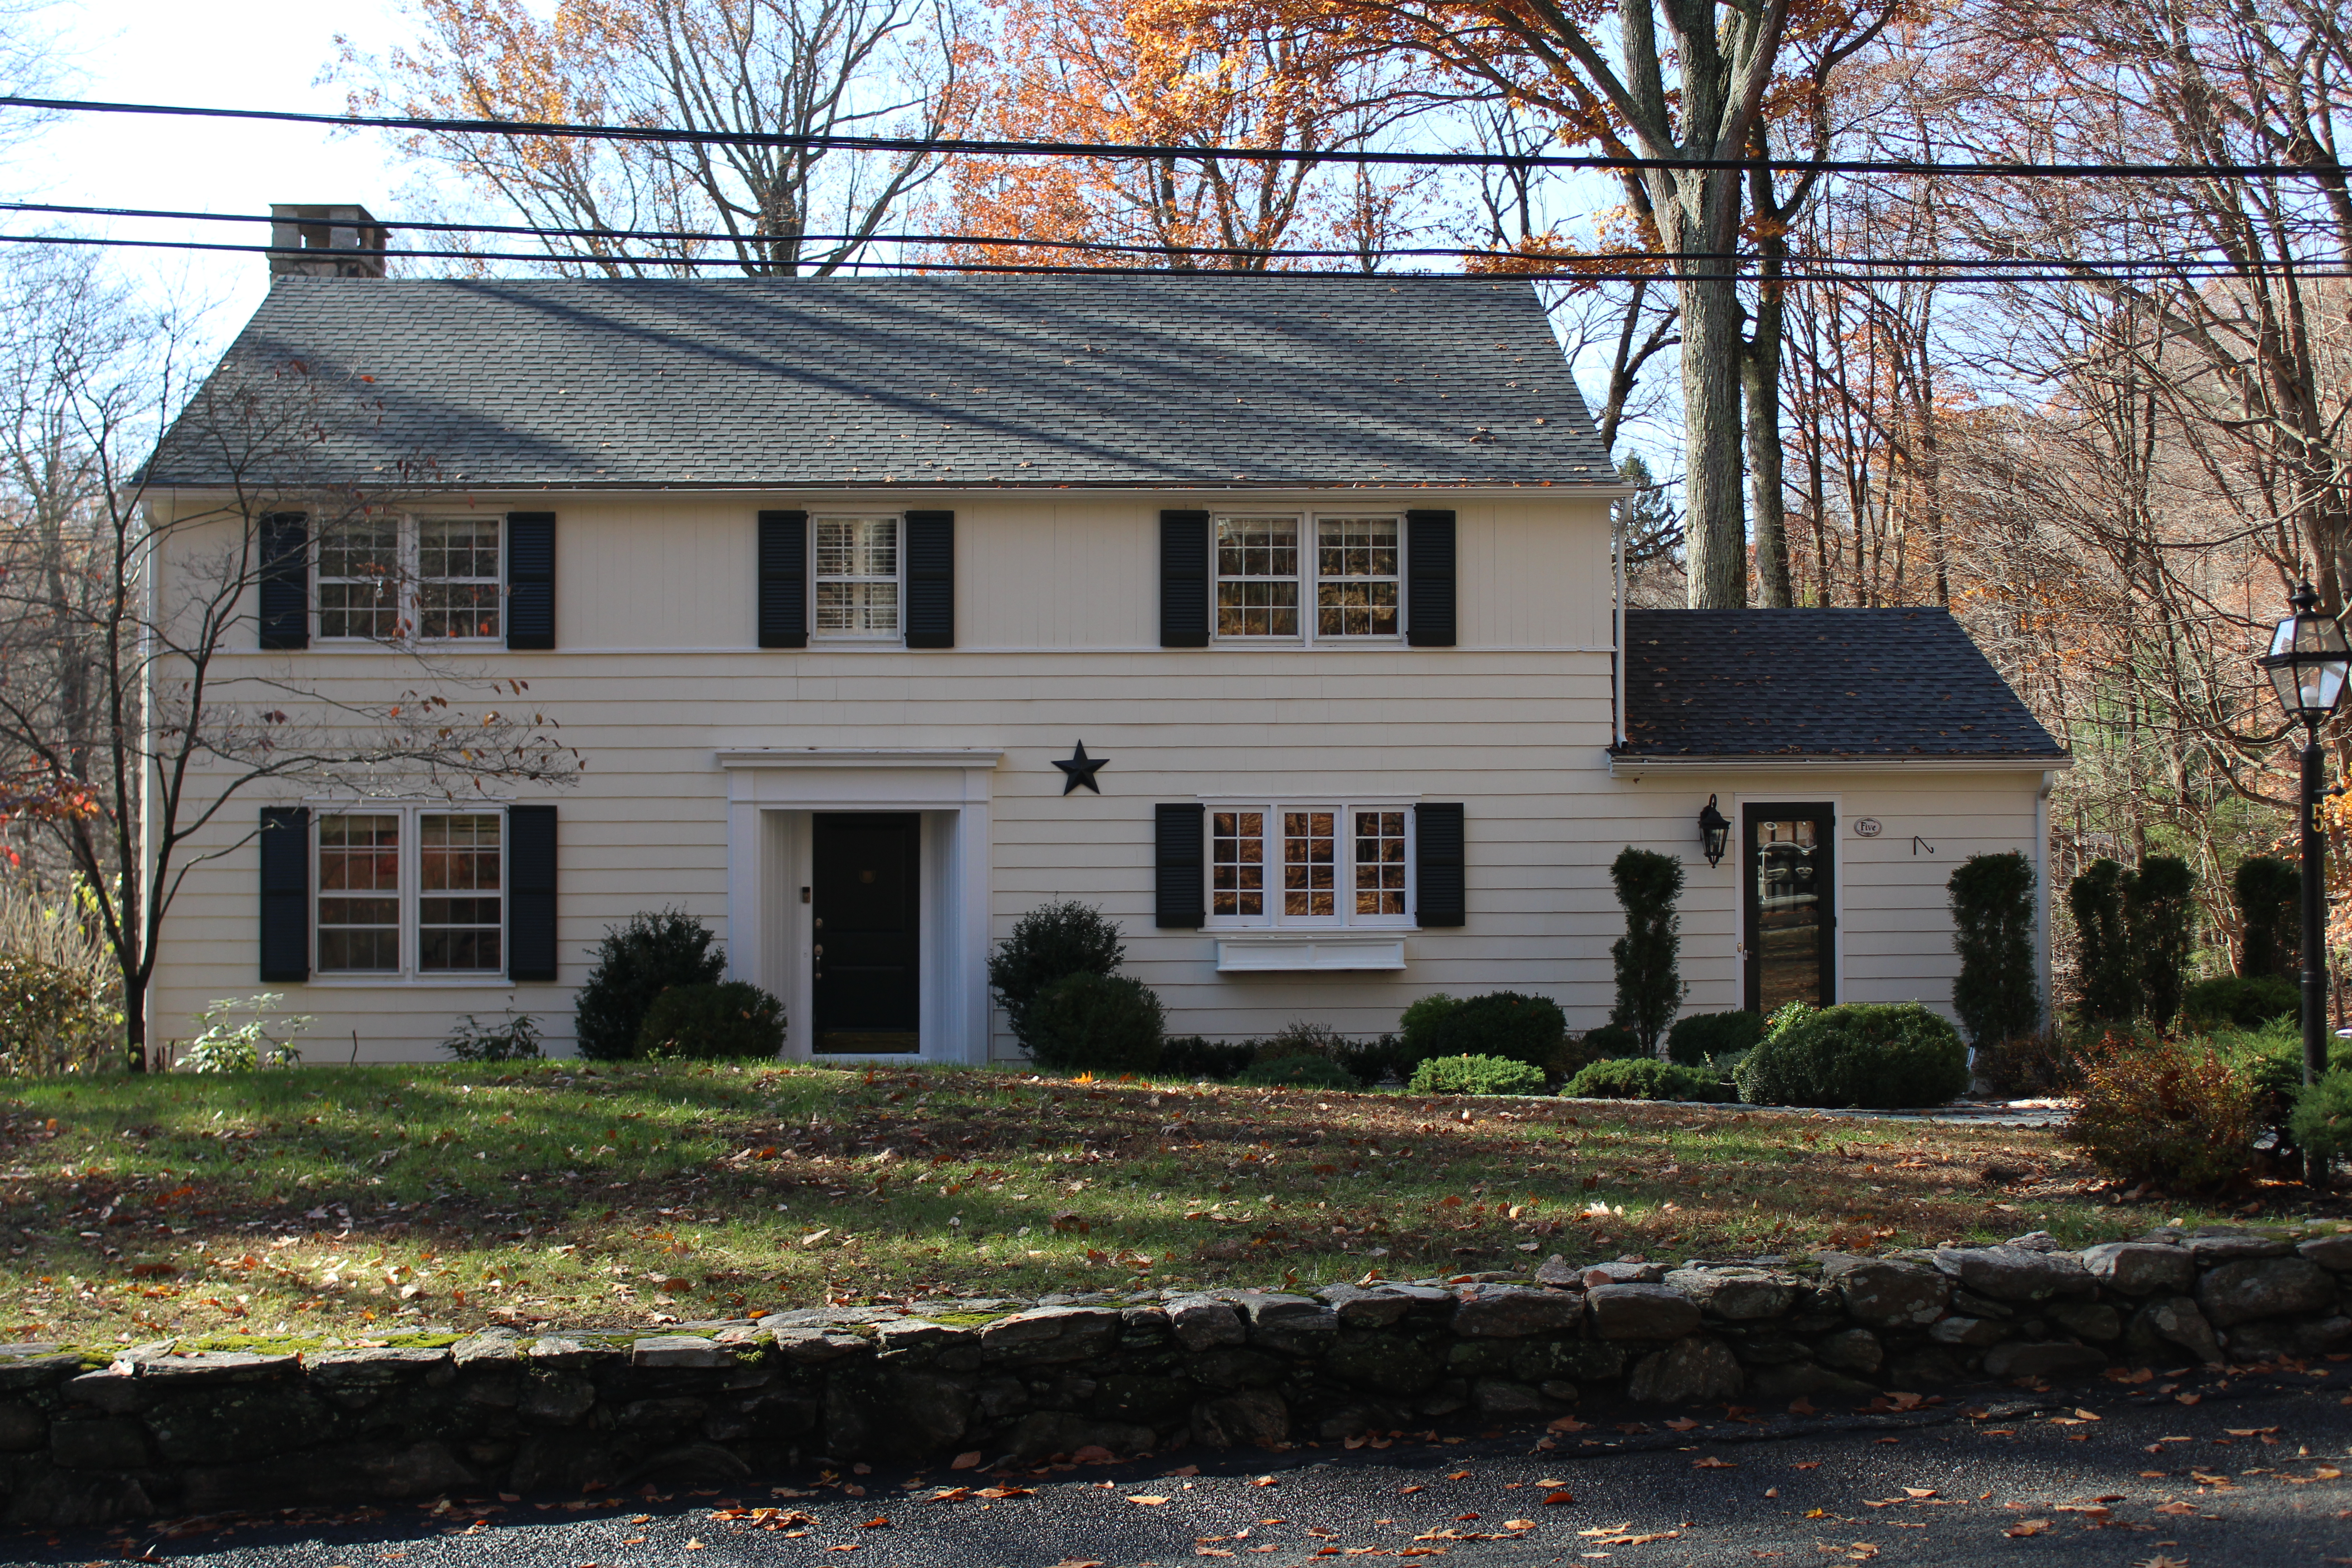 Частный односемейный дом для того Продажа на Button Mill Pond 5 Roaring Brook Road Easton, Коннектикут 06612 Соединенные Штаты